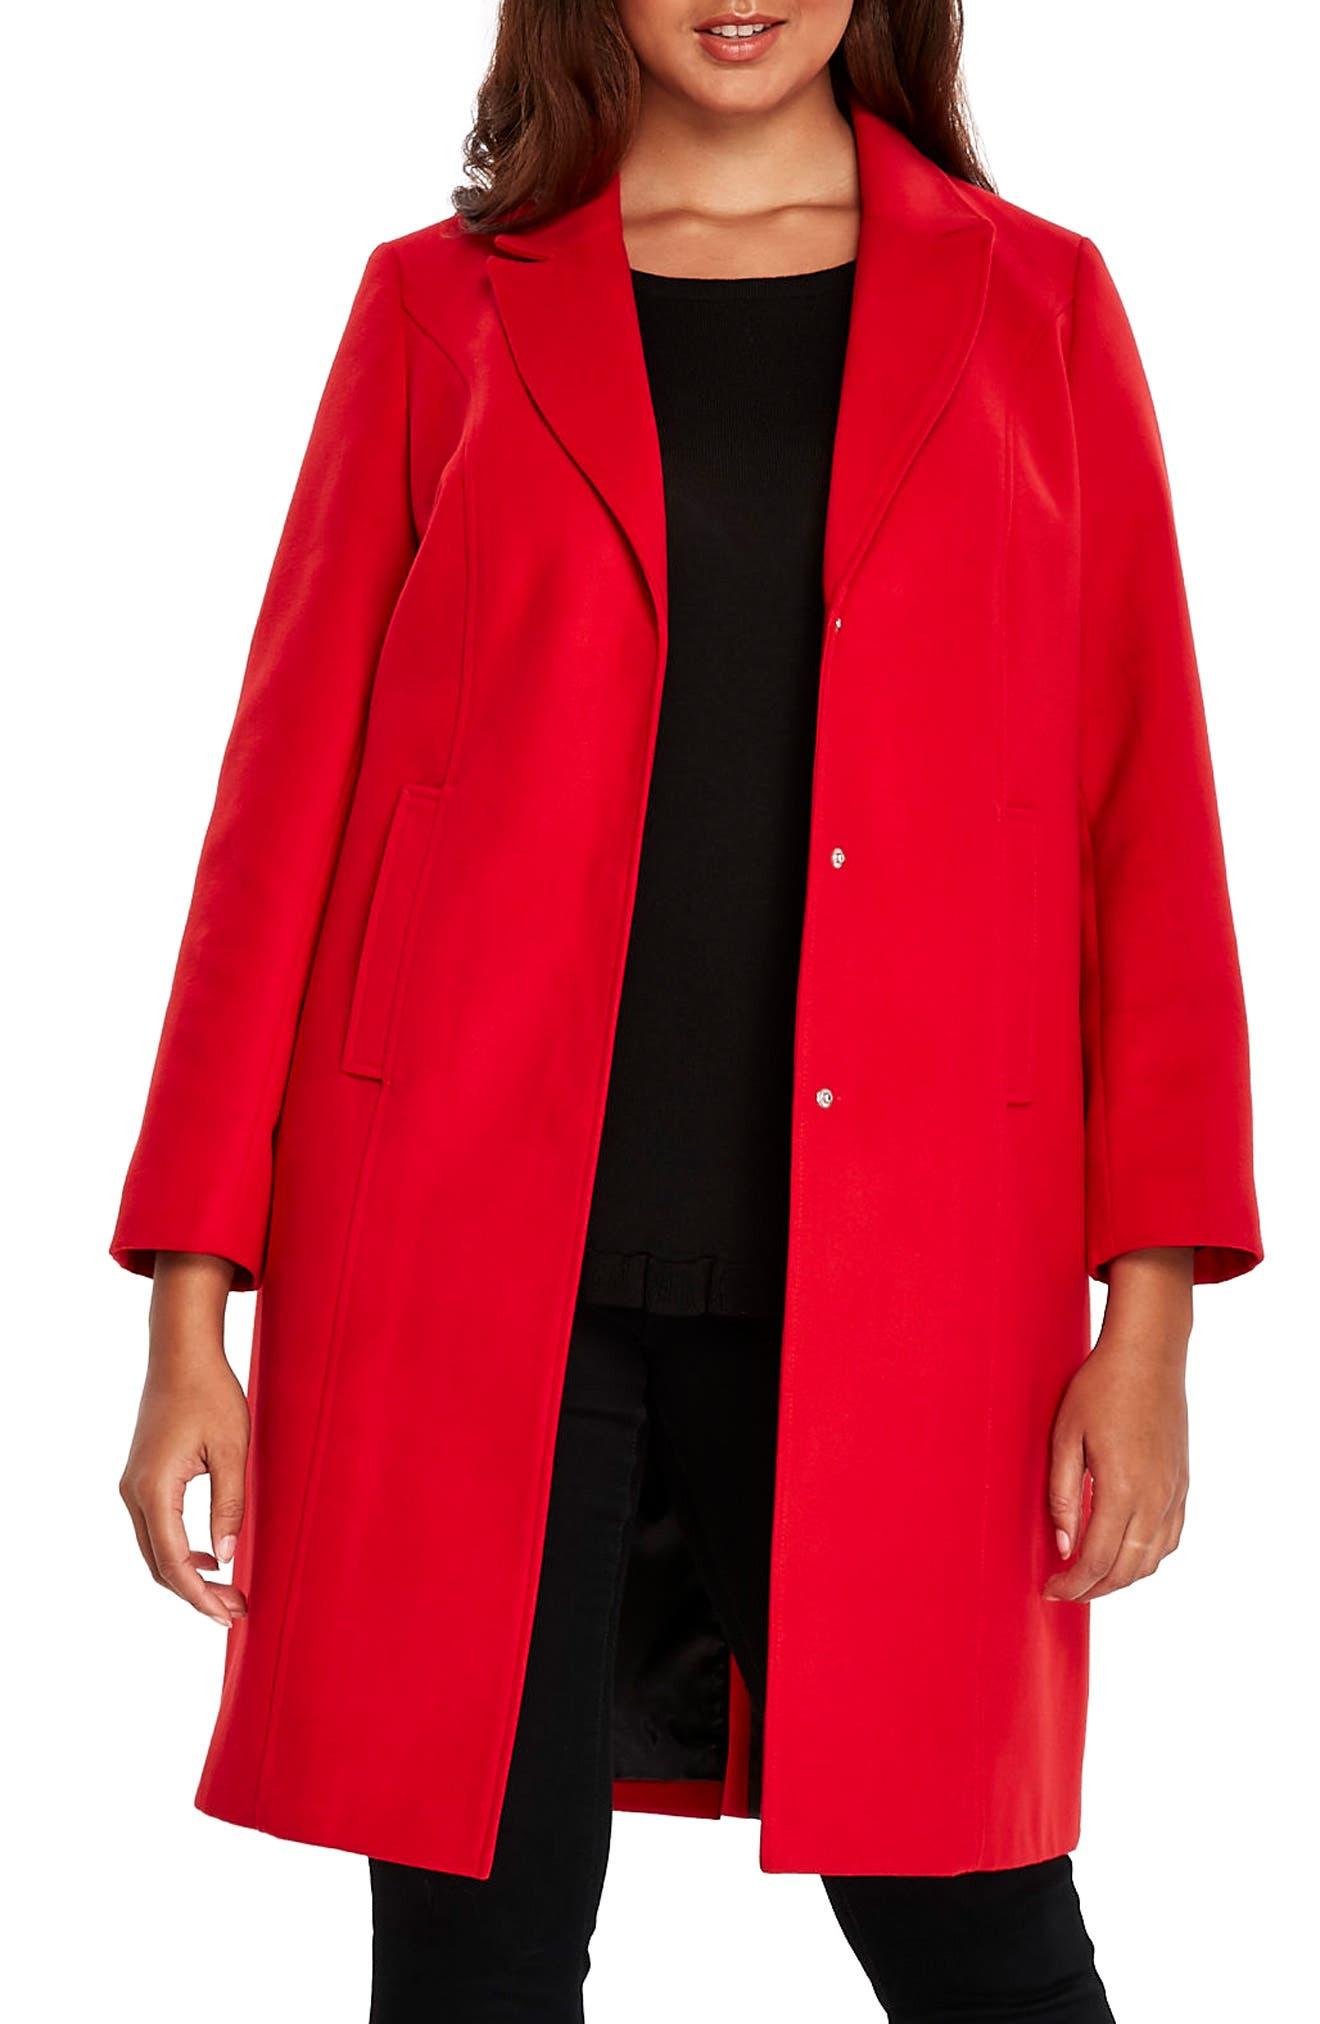 Main Image - Evans Longline Coat (Plus Size)